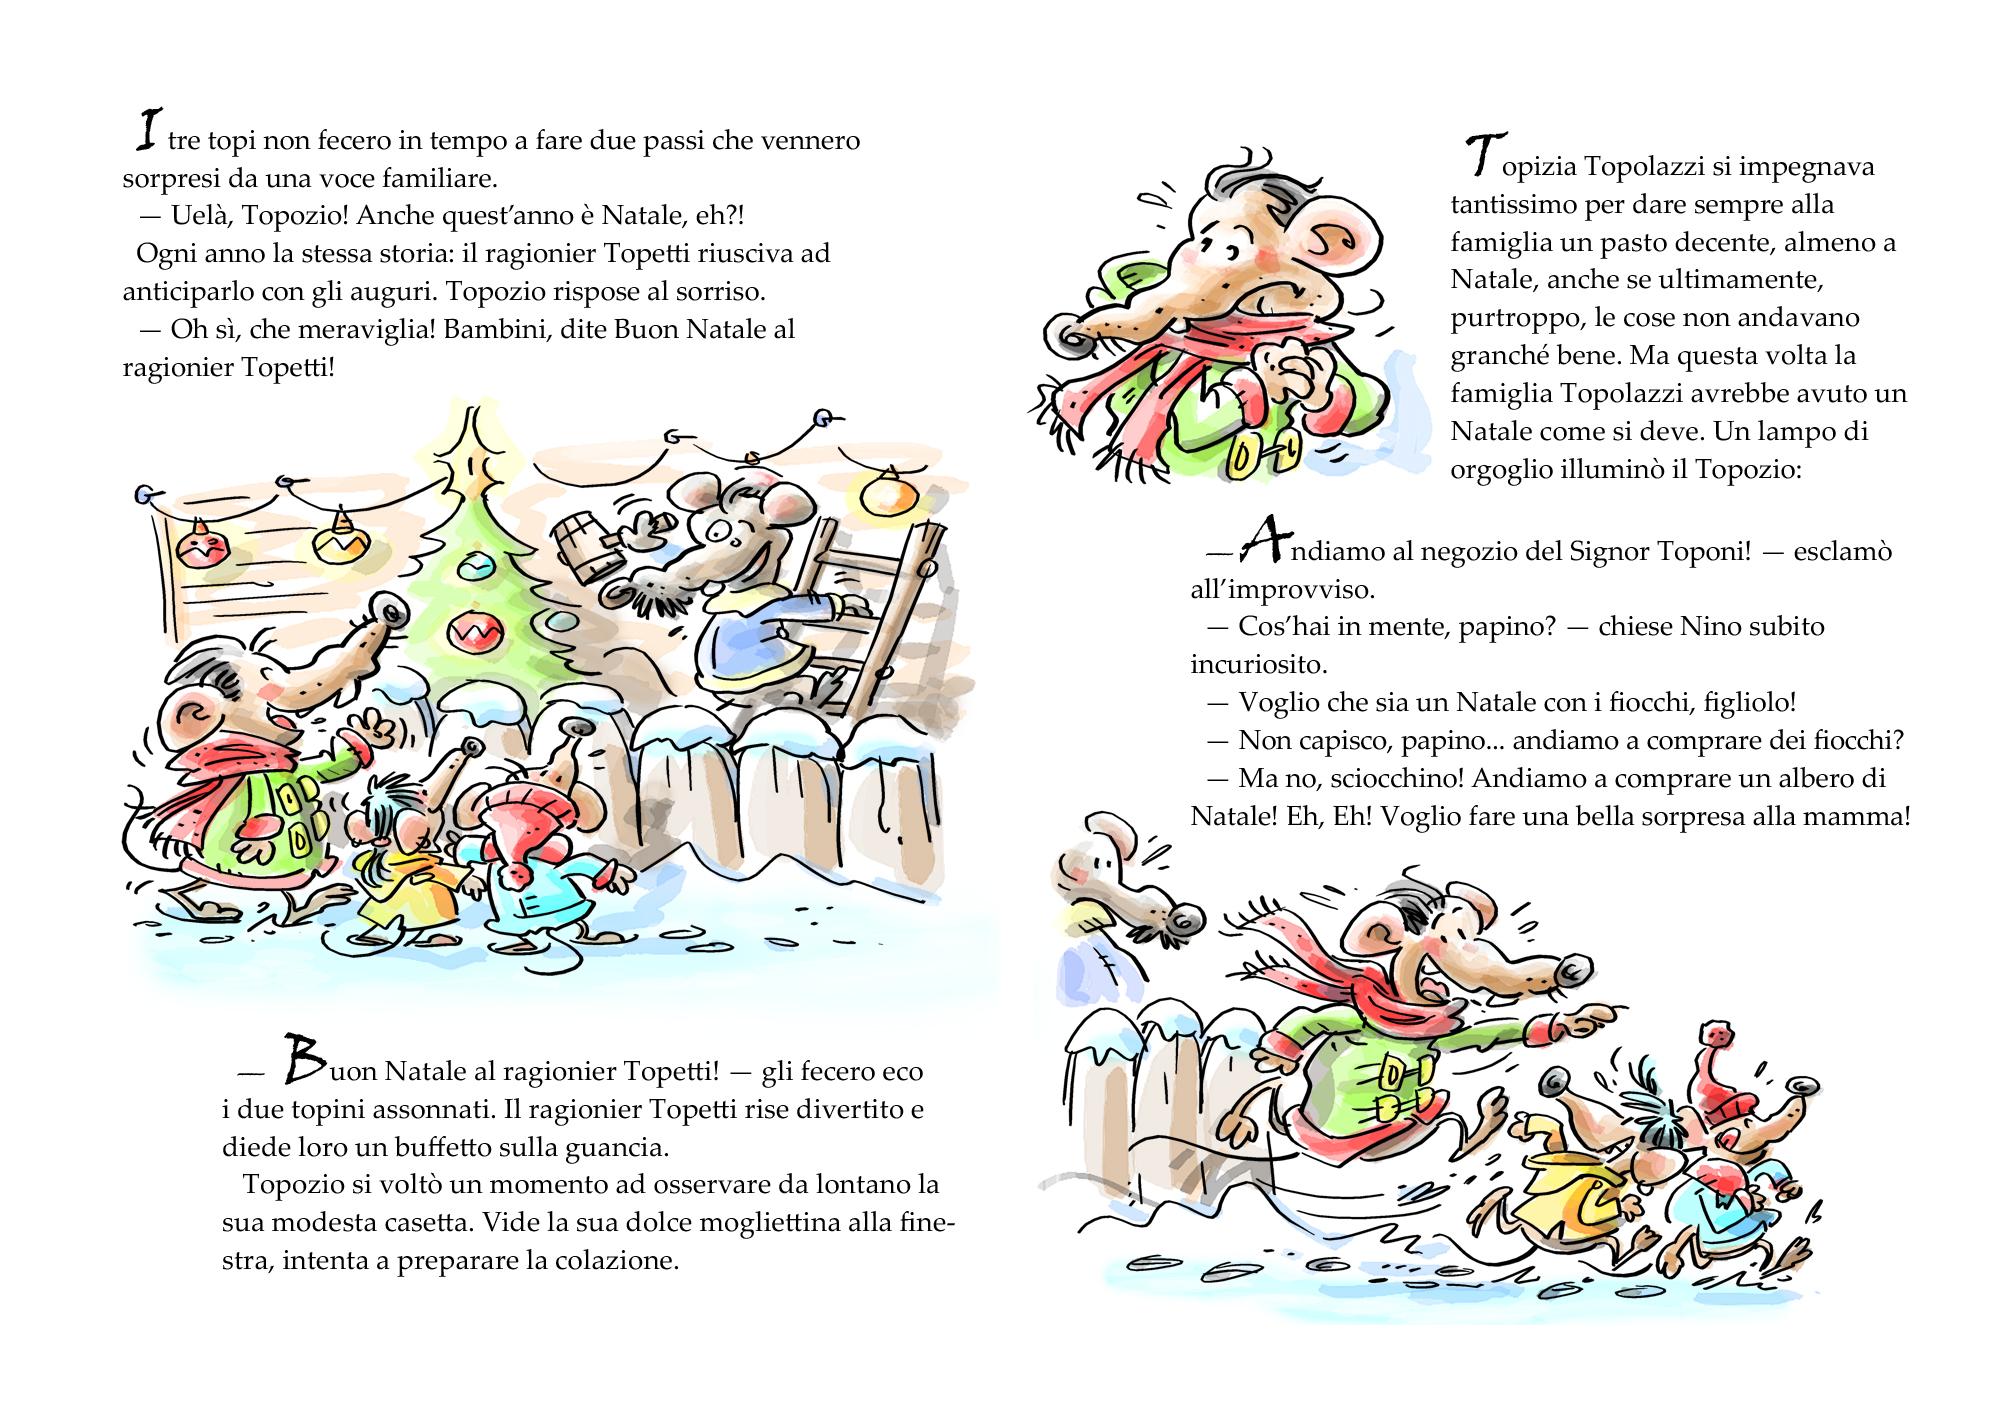 Buon Natale Del C Testo.Buon Natale Topolazzi Parte 2 Alameda Project